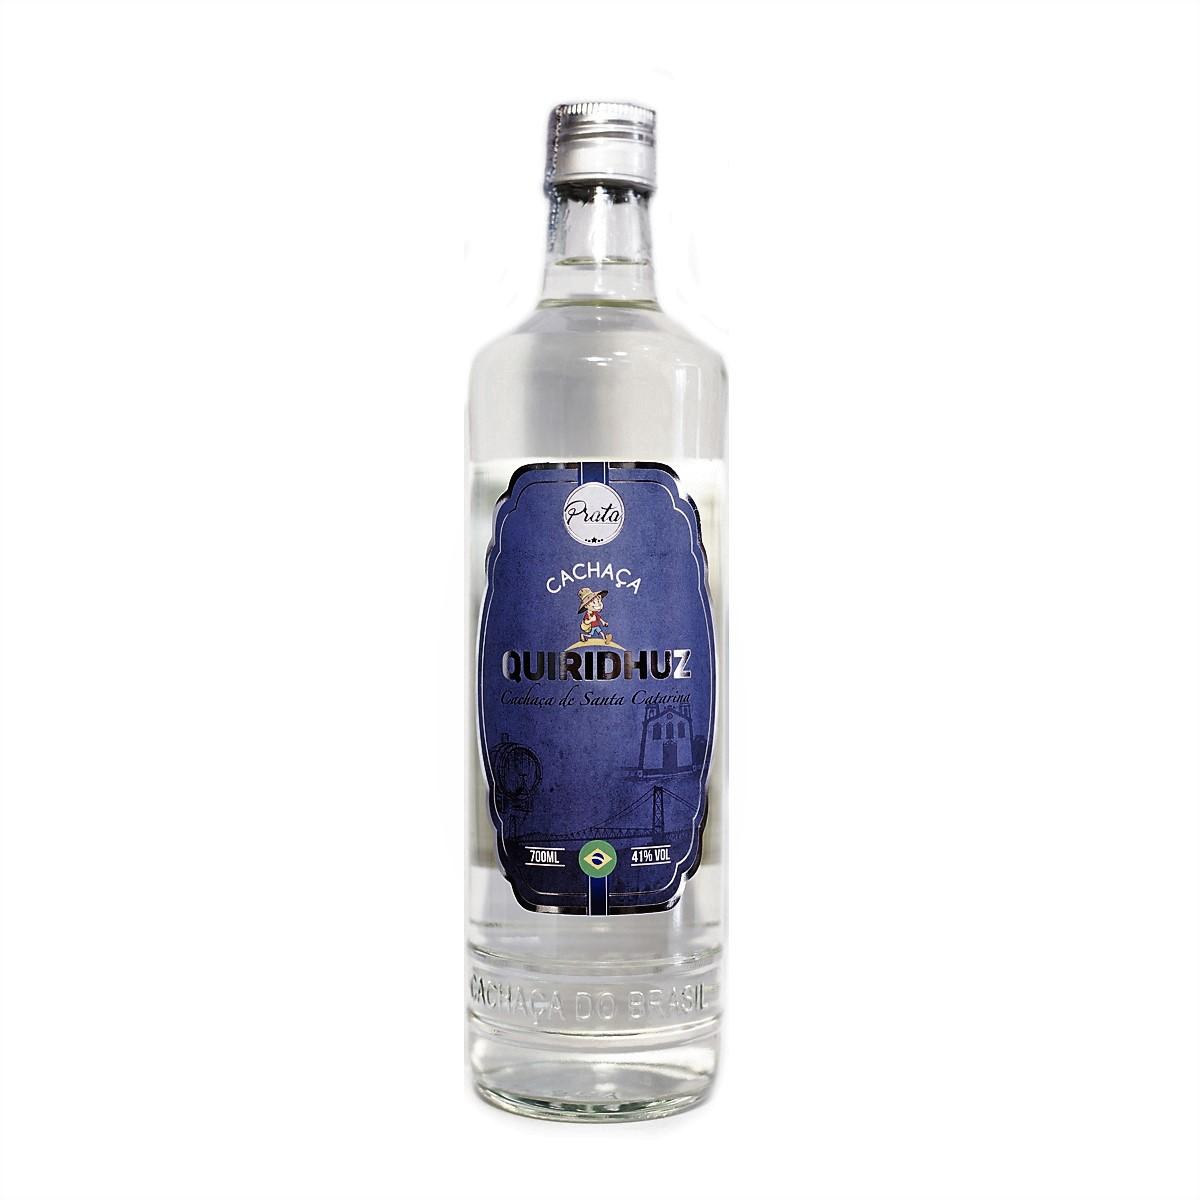 Cachaça Prata - Quiridhuz - 700 ml